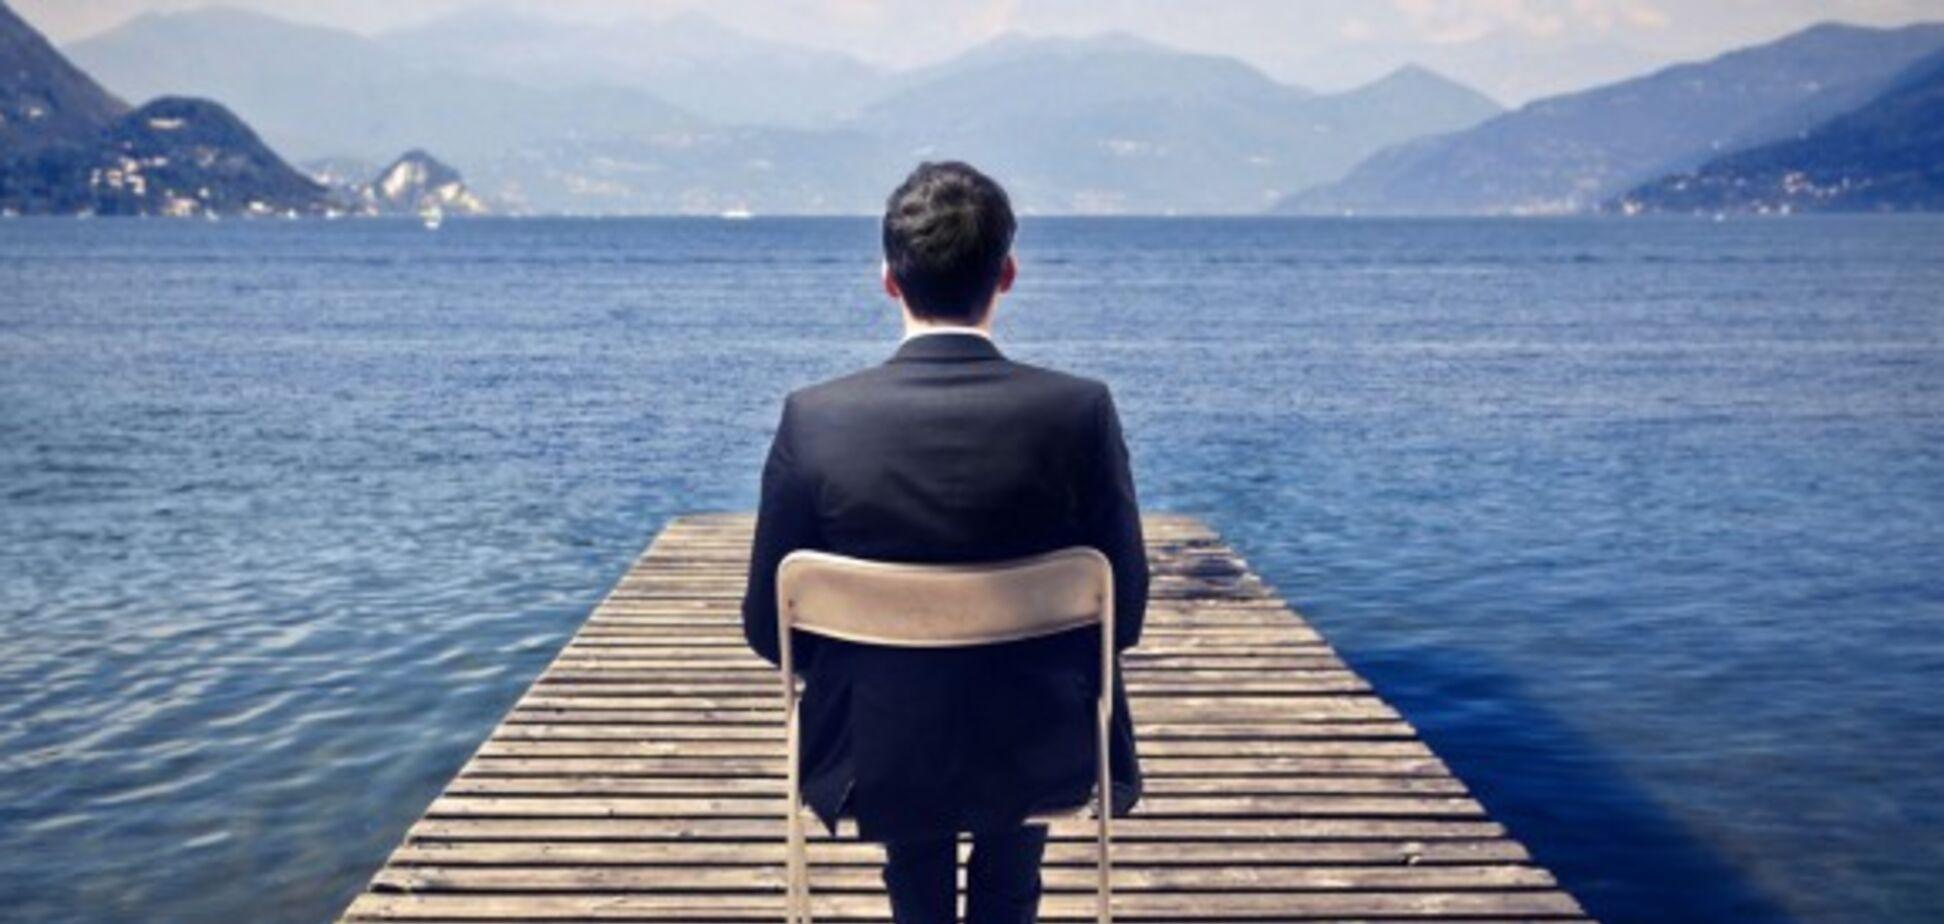 Боятся ли интроверты людей: 10 мифов